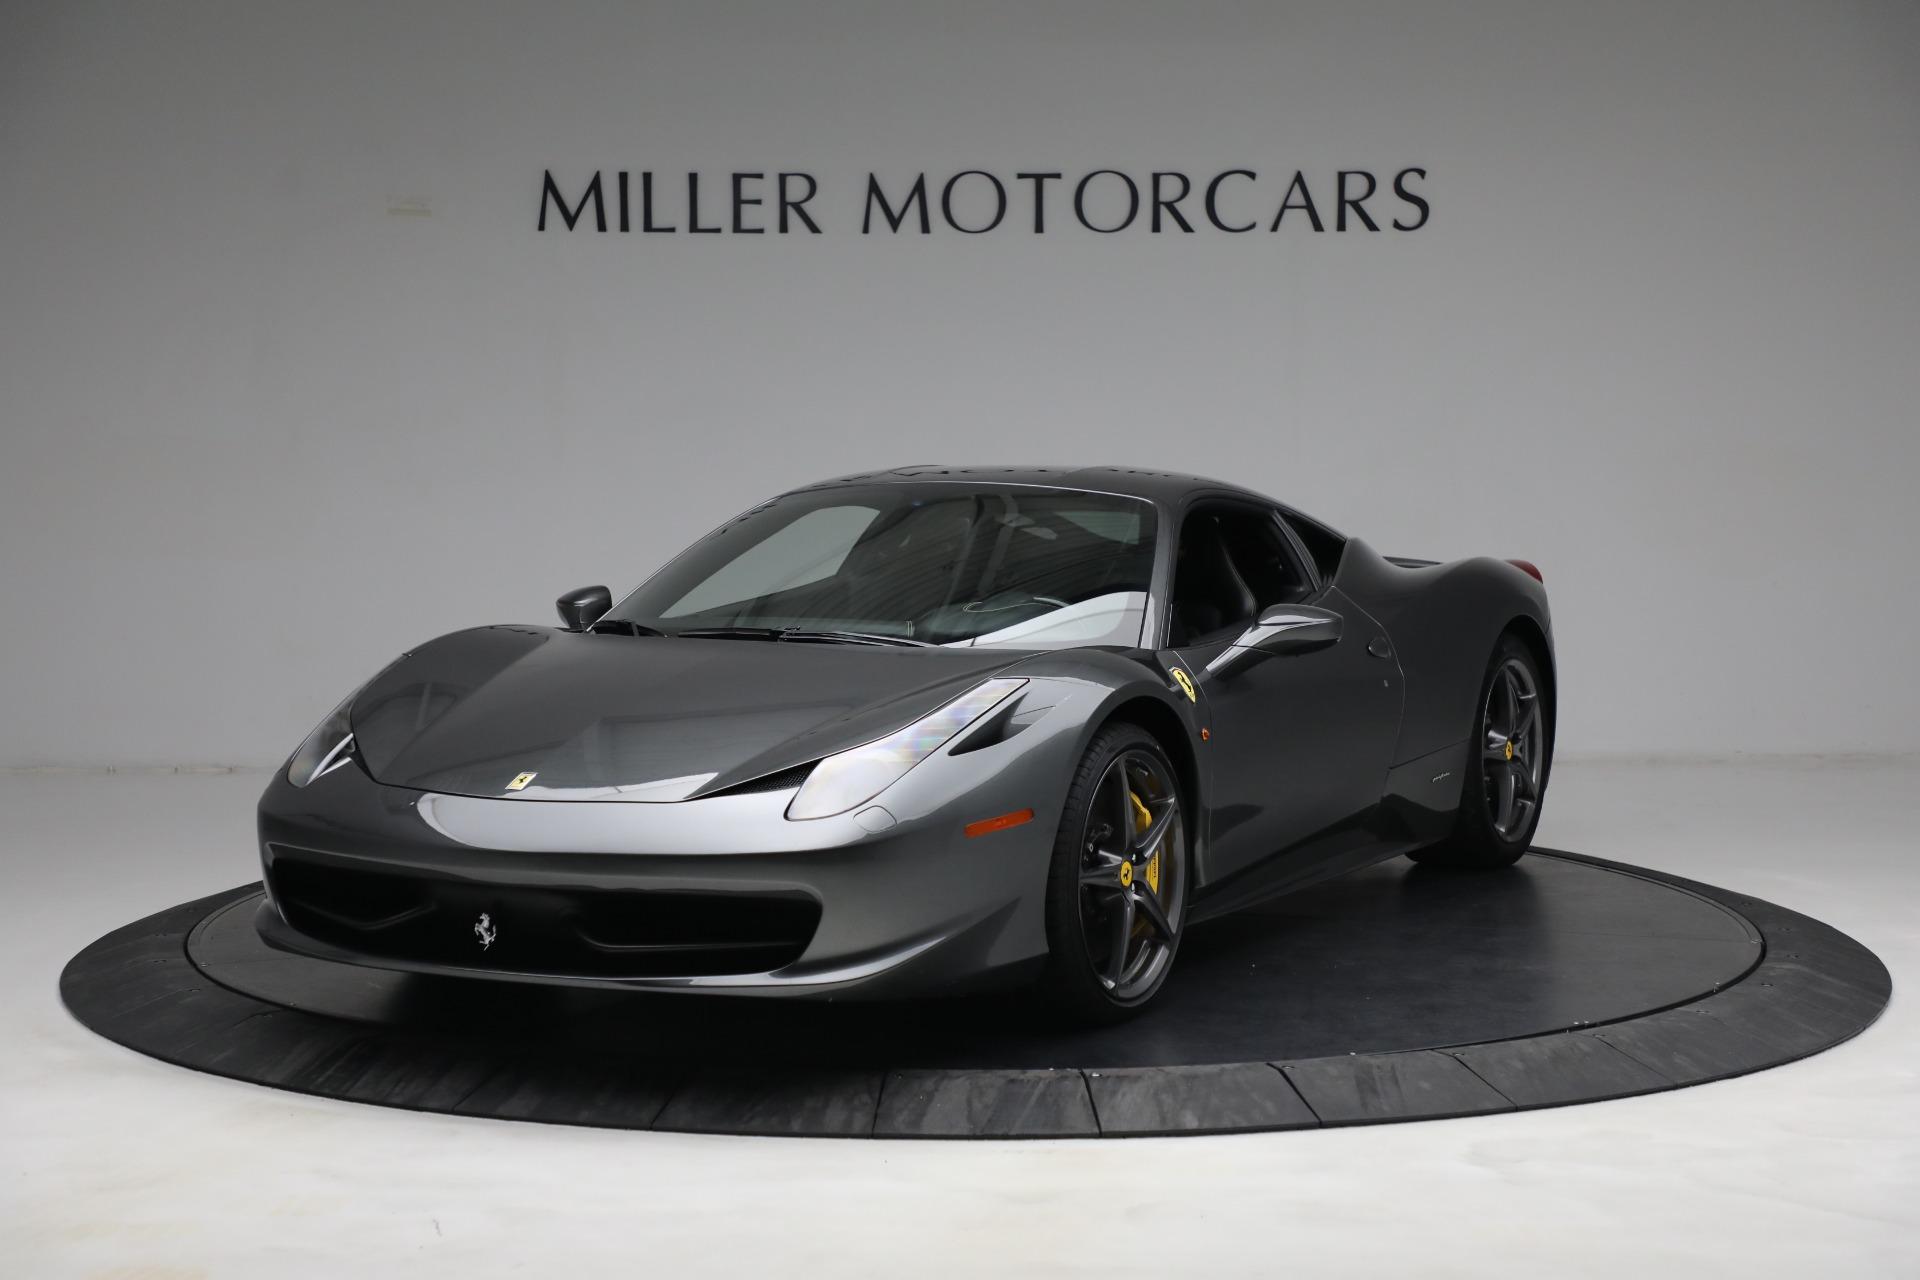 Used 2011 Ferrari 458 Italia for sale $229,900 at Pagani of Greenwich in Greenwich CT 06830 1